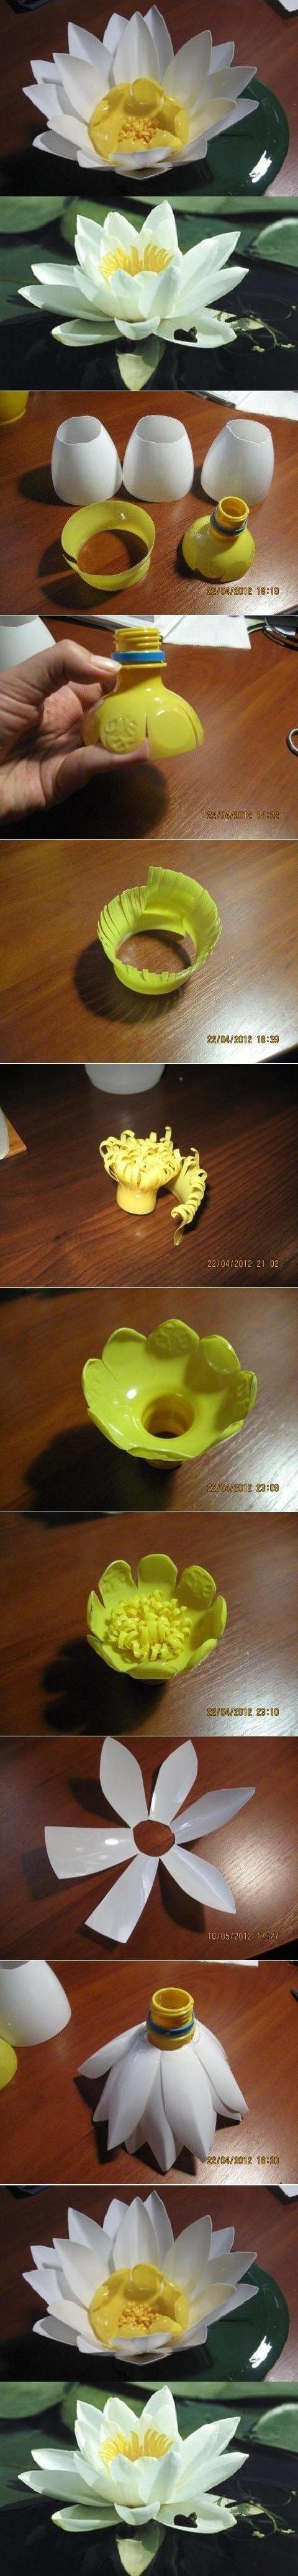 diy-plastic-bottles-flower-pin